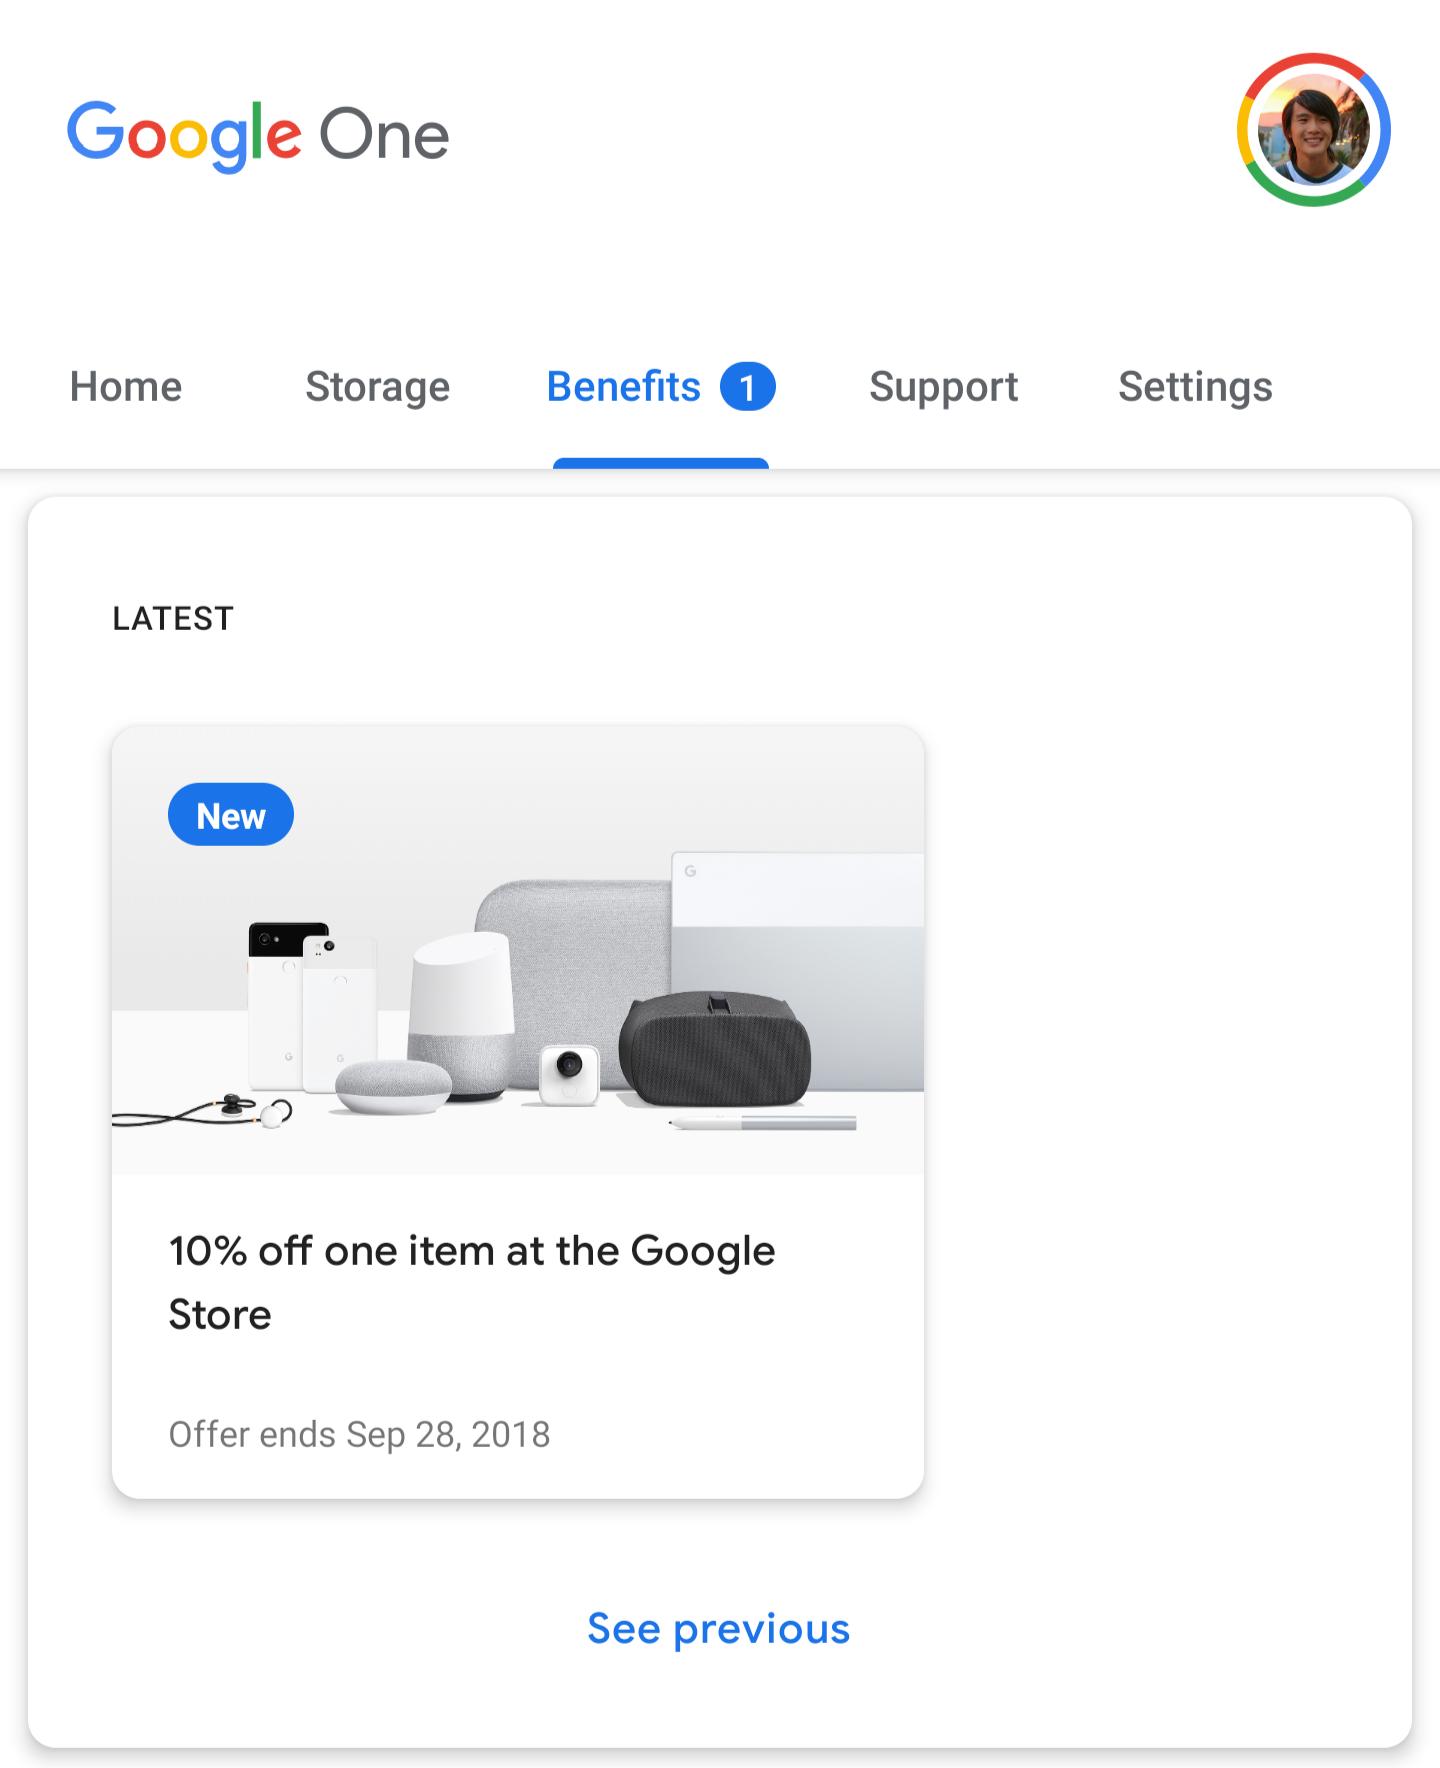 Google One offering 10% Store discount on Pixel 2, Pixelbook